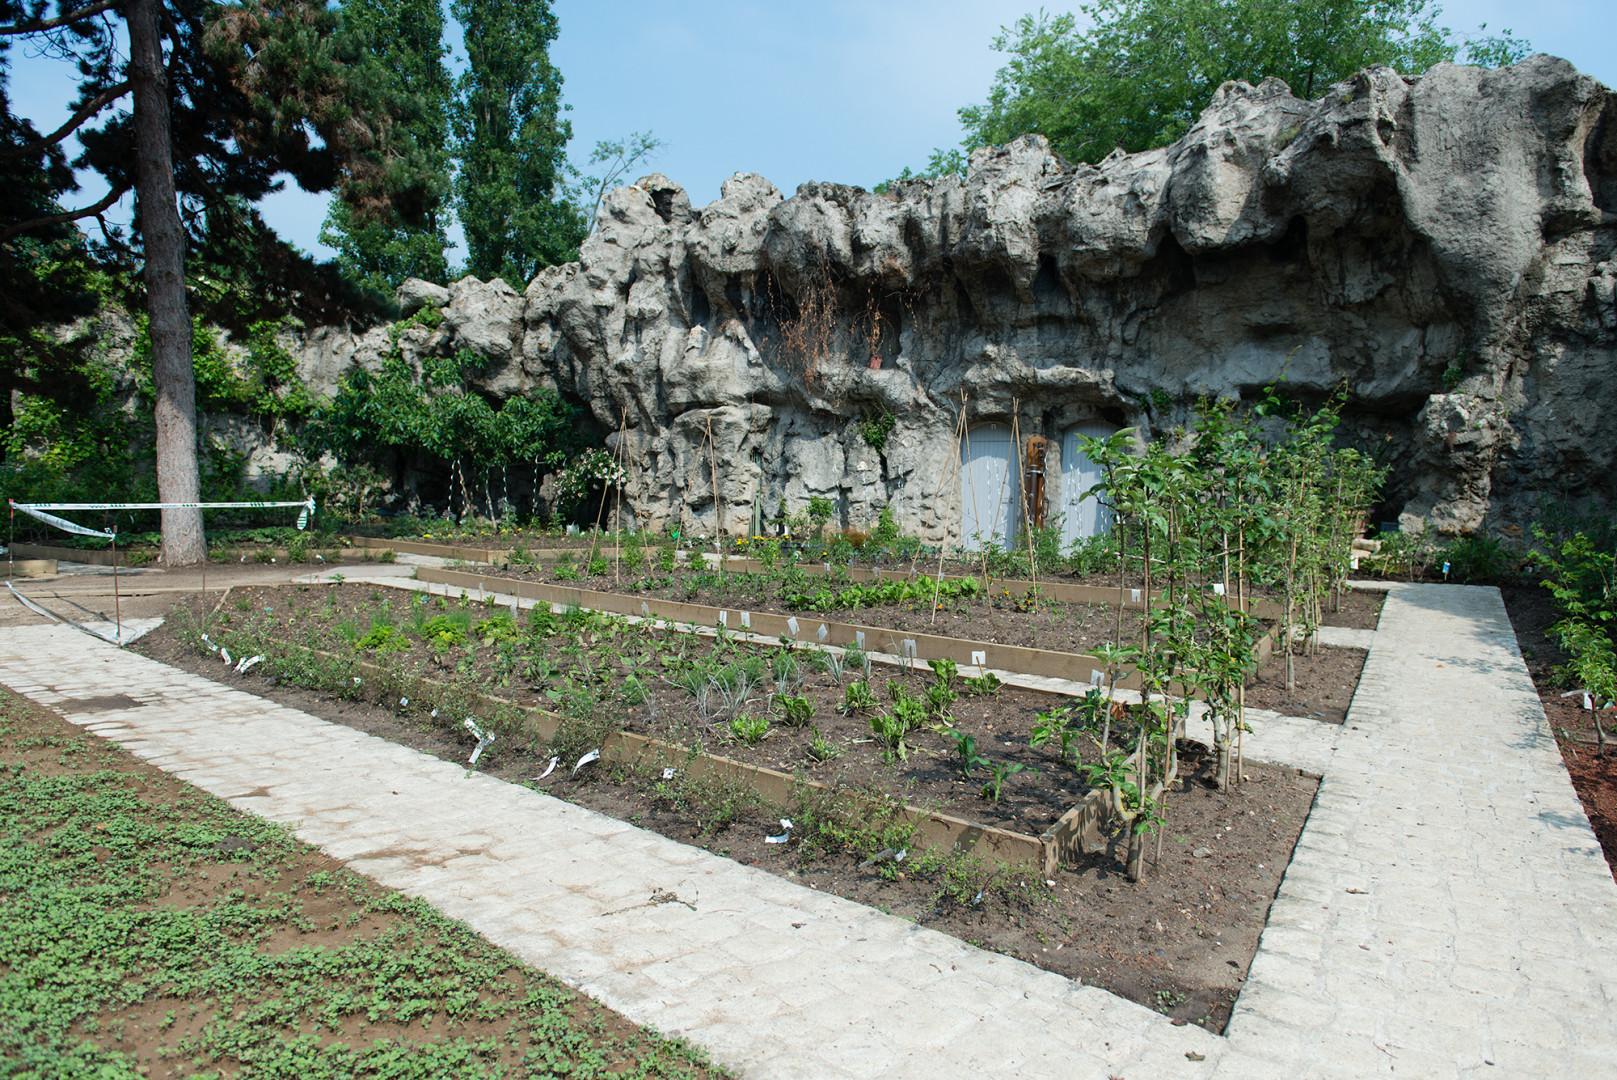 35.000 nouveaux arbustes ont été plantés dans le jardin.